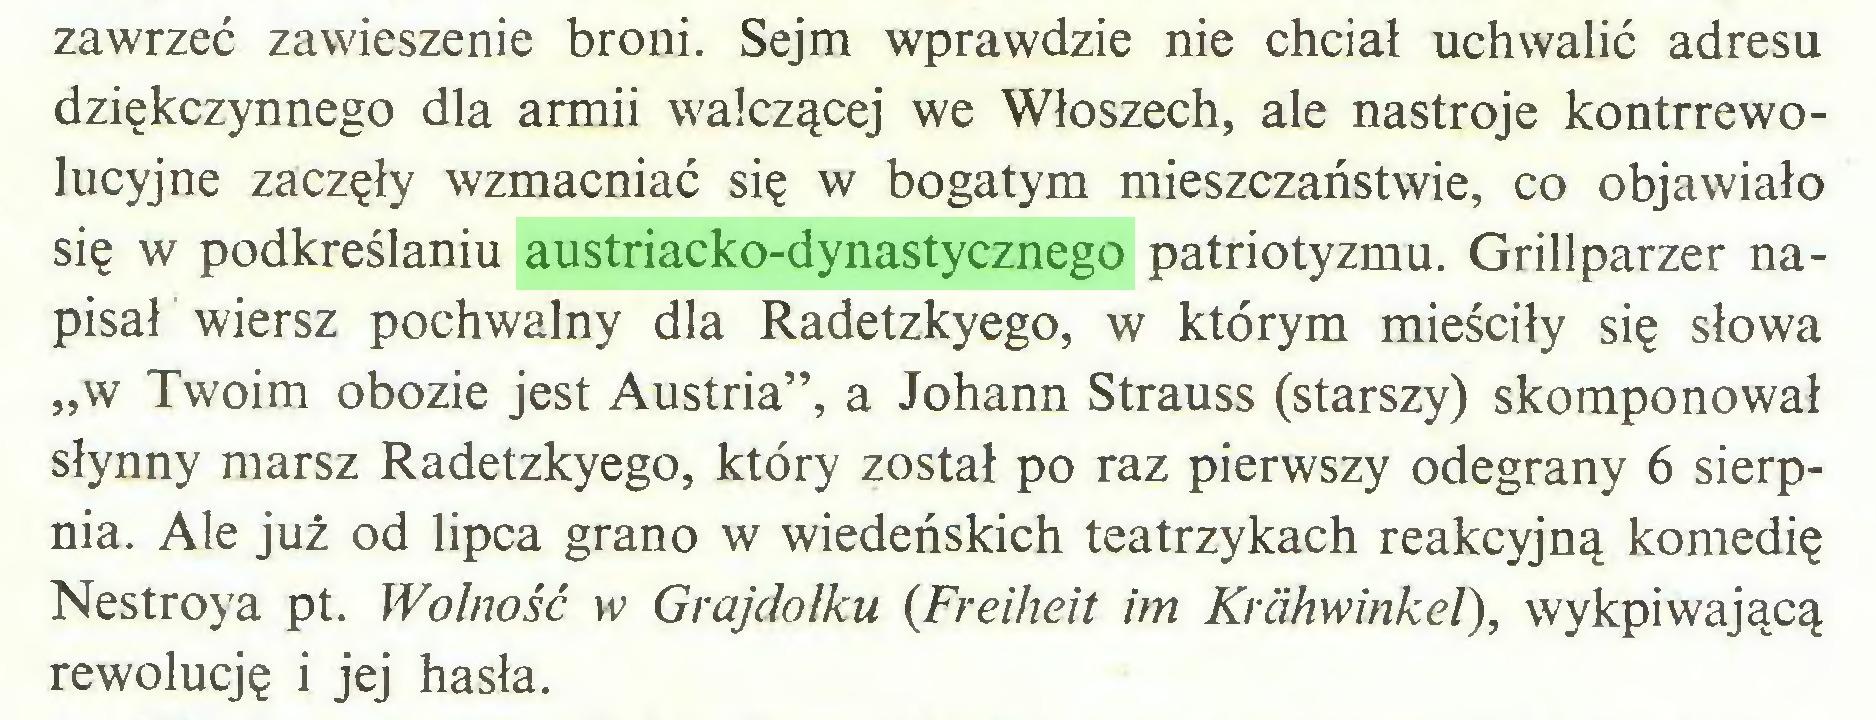 """(...) zawrzeć zawieszenie broni. Sejm wprawdzie nie chciał uchwalić adresu dziękczynnego dla armii walczącej we Włoszech, ale nastroje kontrrewolucyjne zaczęły wzmacniać się w bogatym mieszczaństwie, co objawiało się w podkreślaniu austriacko-dynastycznego patriotyzmu. Grillparzer napisał wiersz pochwalny dla Radetzkyego, w którym mieściły się słowa """"w Twoim obozie jest Austria"""", a Johann Strauss (starszy) skomponował słynny marsz Radetzkyego, który został po raz pierwszy odegrany 6 sierpnia. Ale już od lipca grano w wiedeńskich teatrzykach reakcyjną komedię Nestroya pt. Wolność w Grajdołku (Freiheit im Krähwinkel), wykpiwającą rewolucję i jej hasła..."""